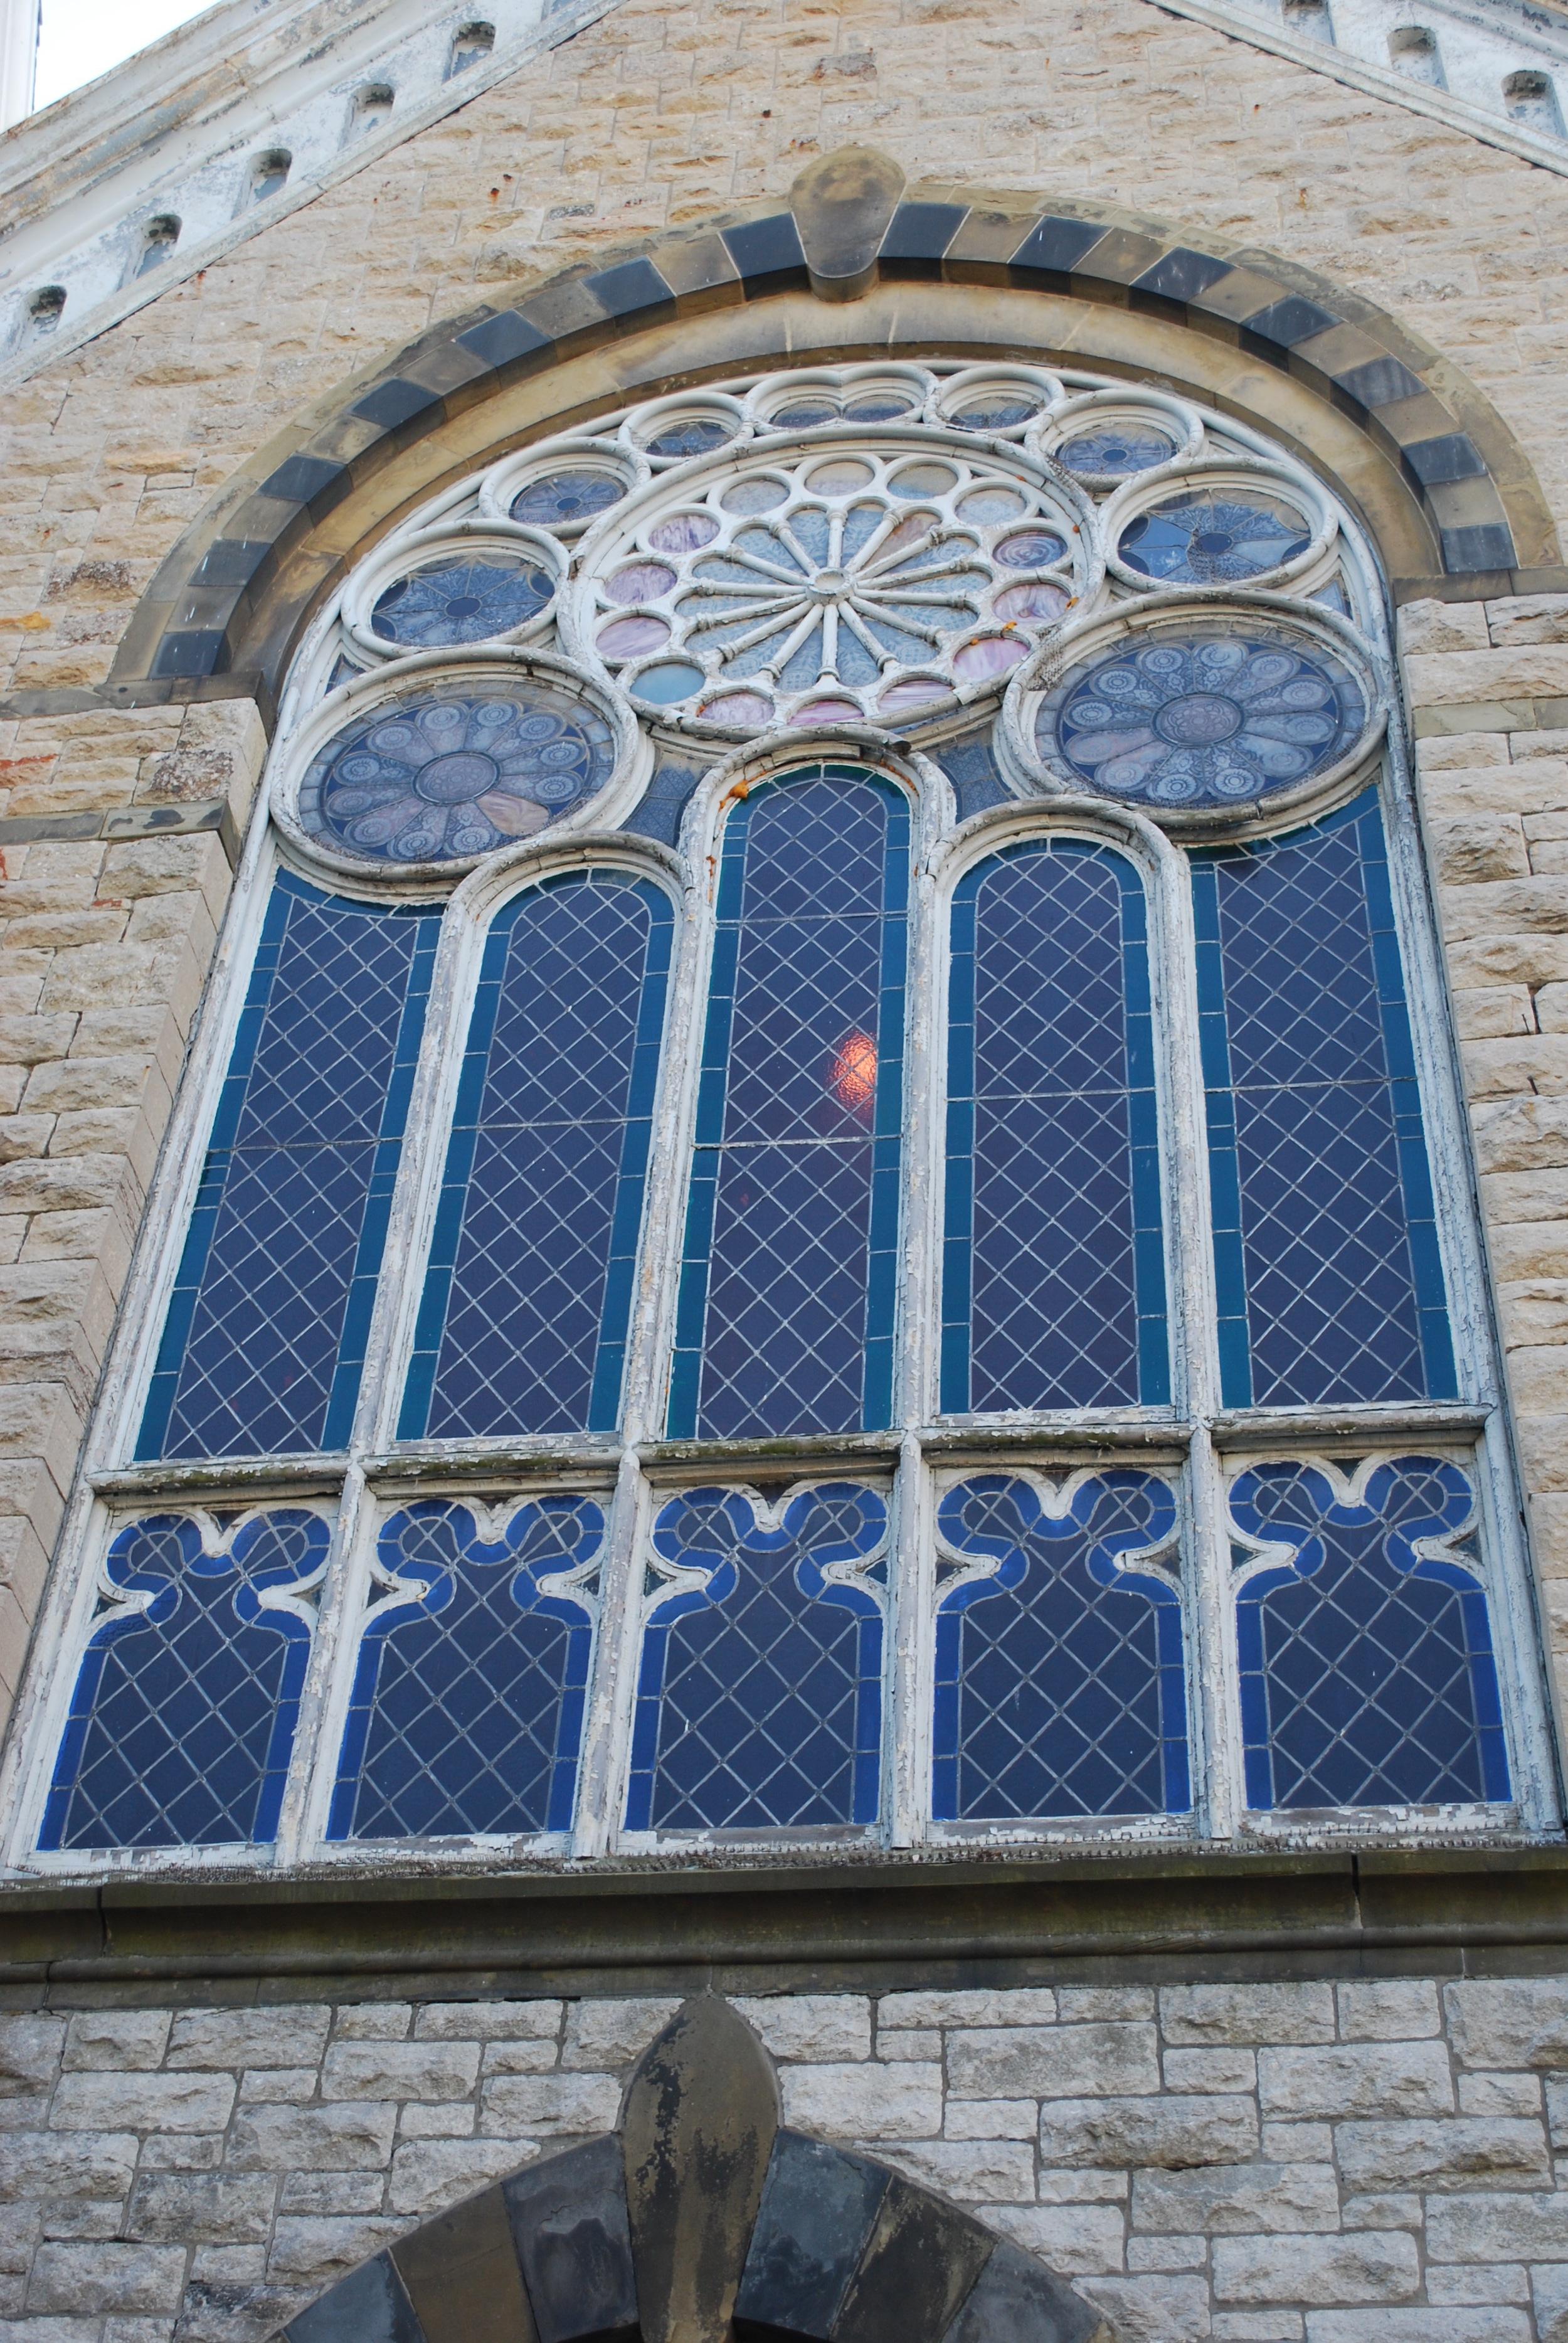 First Presbyterian, Hudson, NY - Pre-restoration